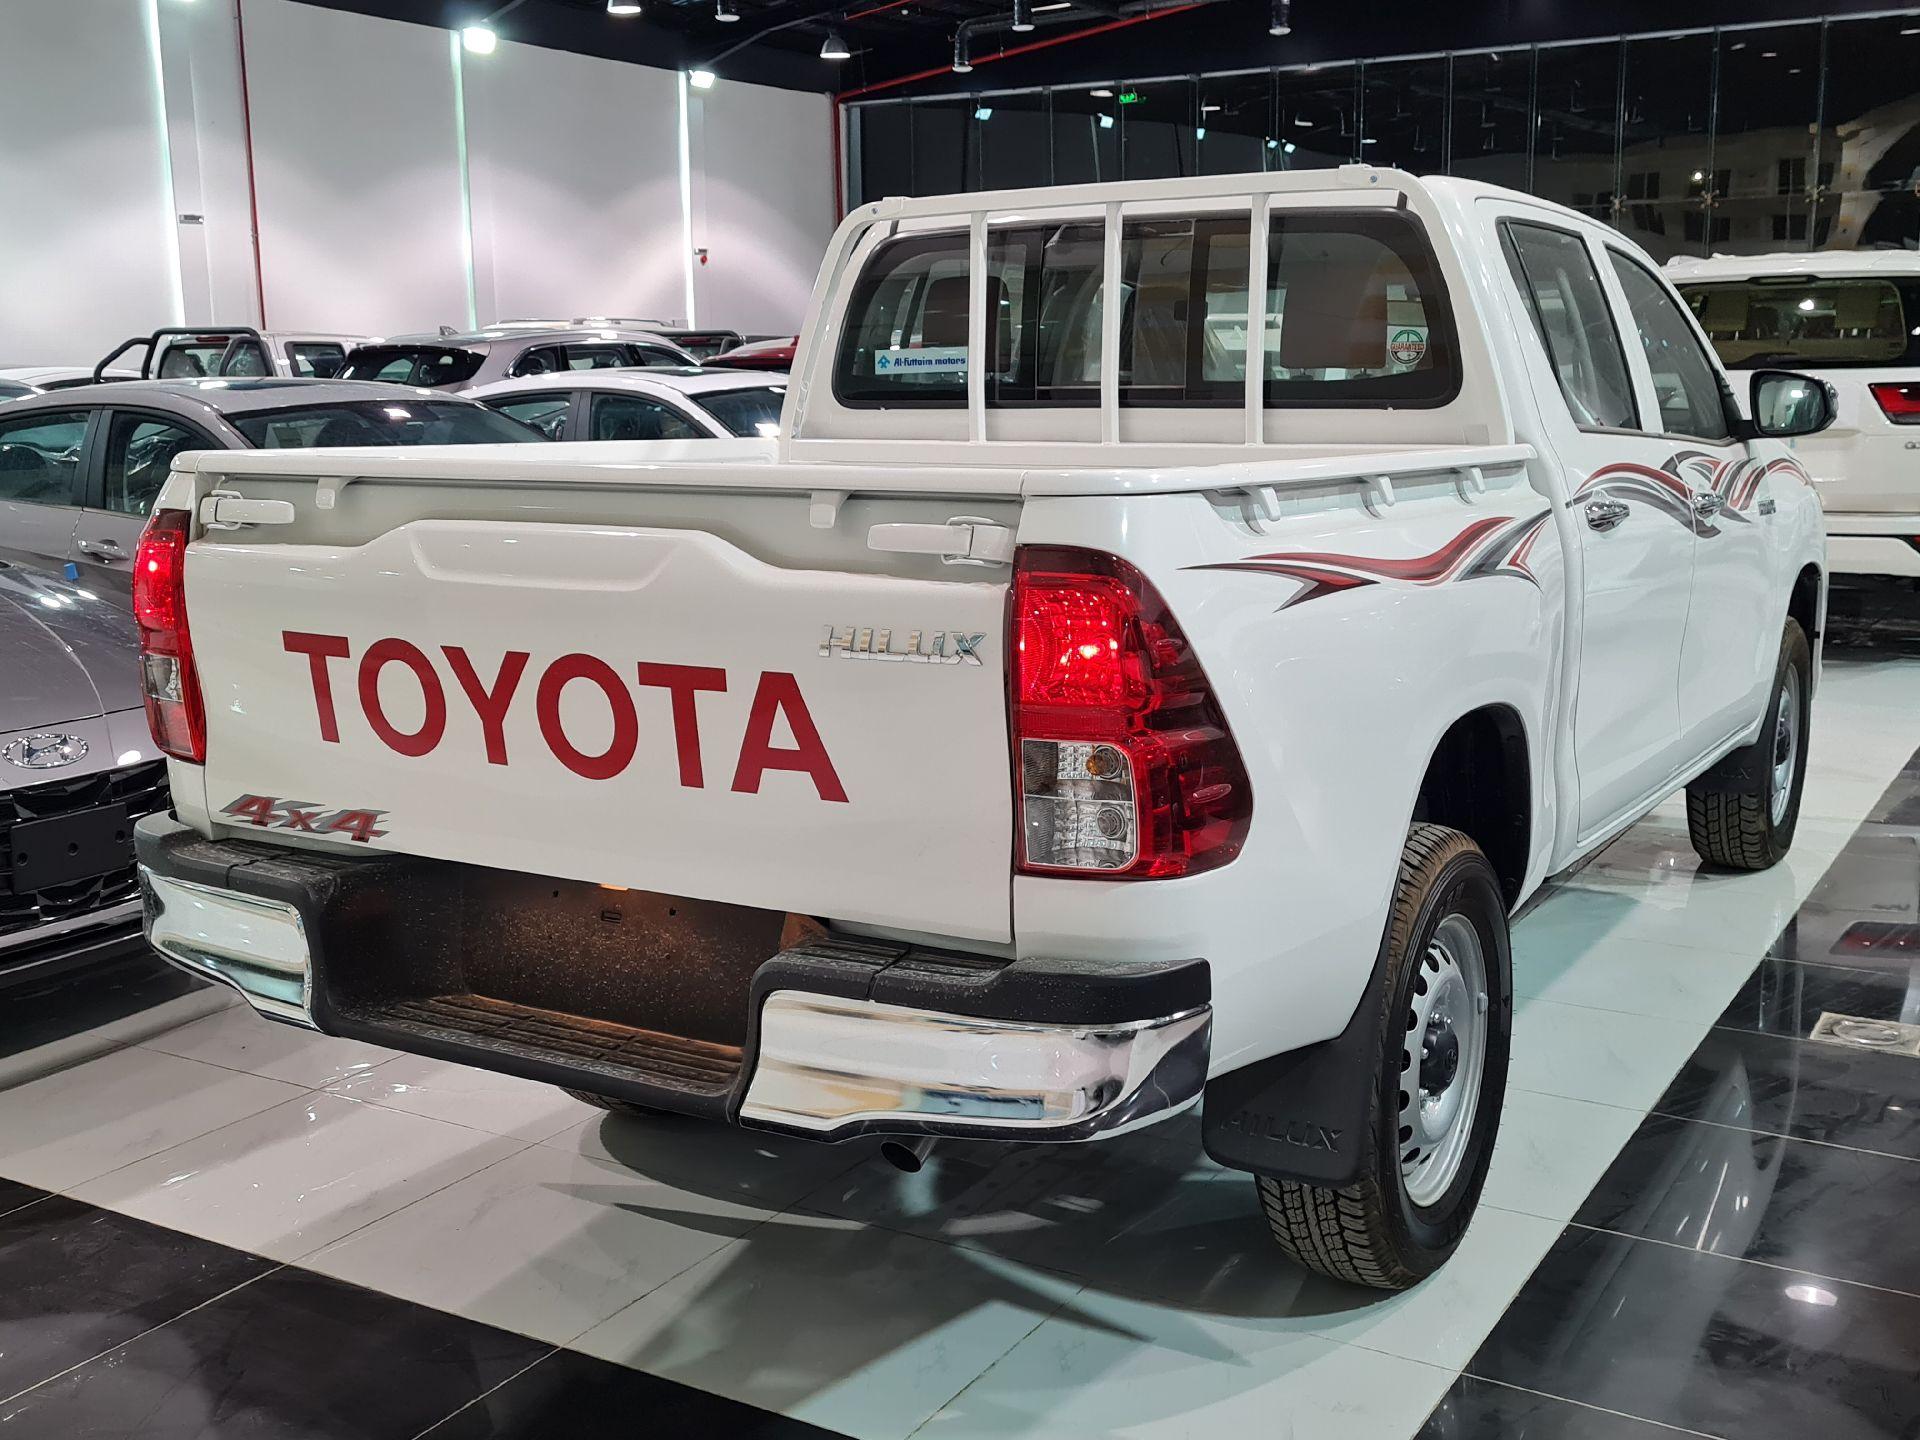 تويوتا هايلكس GL 2022  فطيمي للبيع في الرياض - السعودية - صورة كبيرة - 4